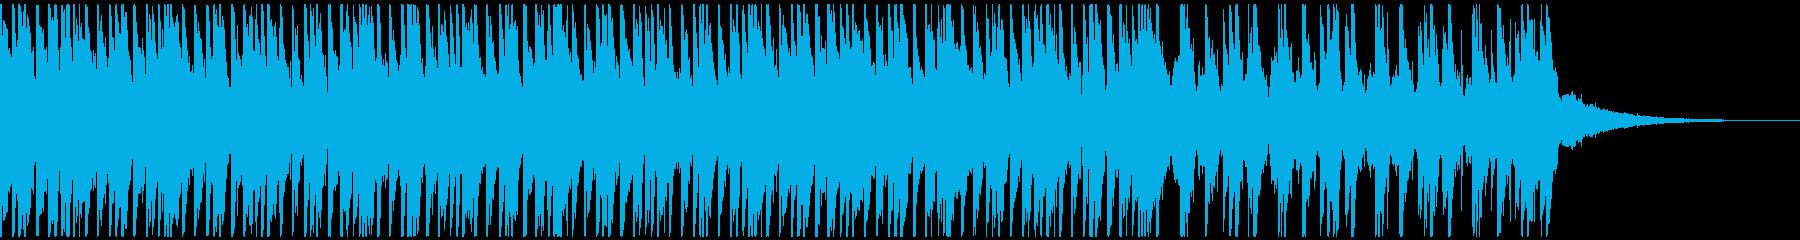 トロピカルハウスパーティー(40秒)の再生済みの波形